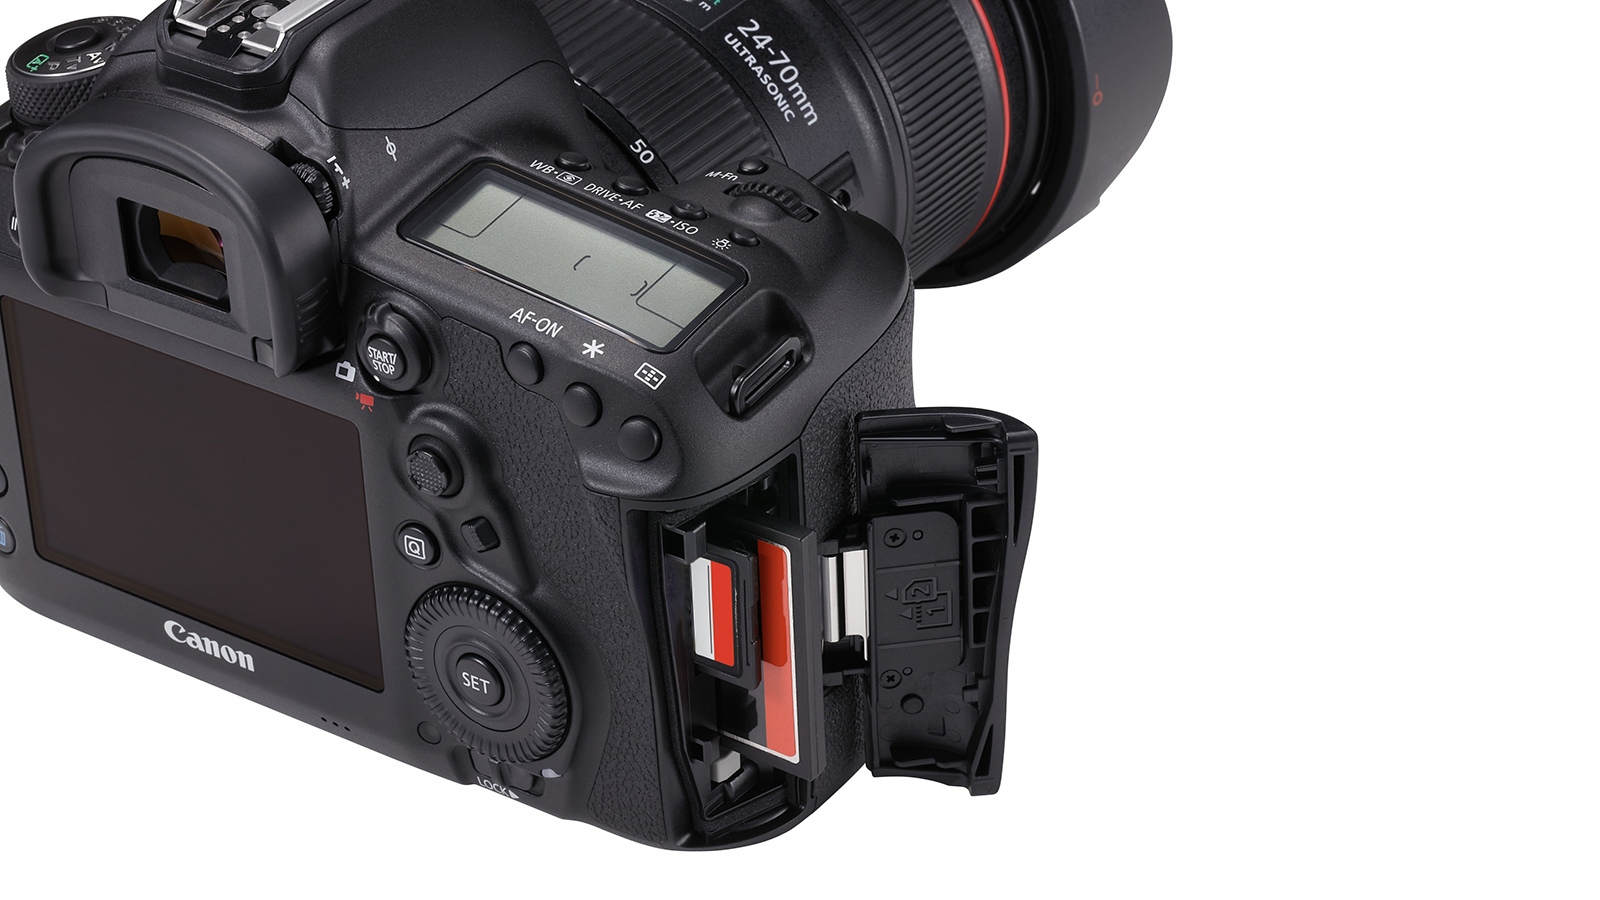 canon-eos-5d-mark-IV-006-mkaardid